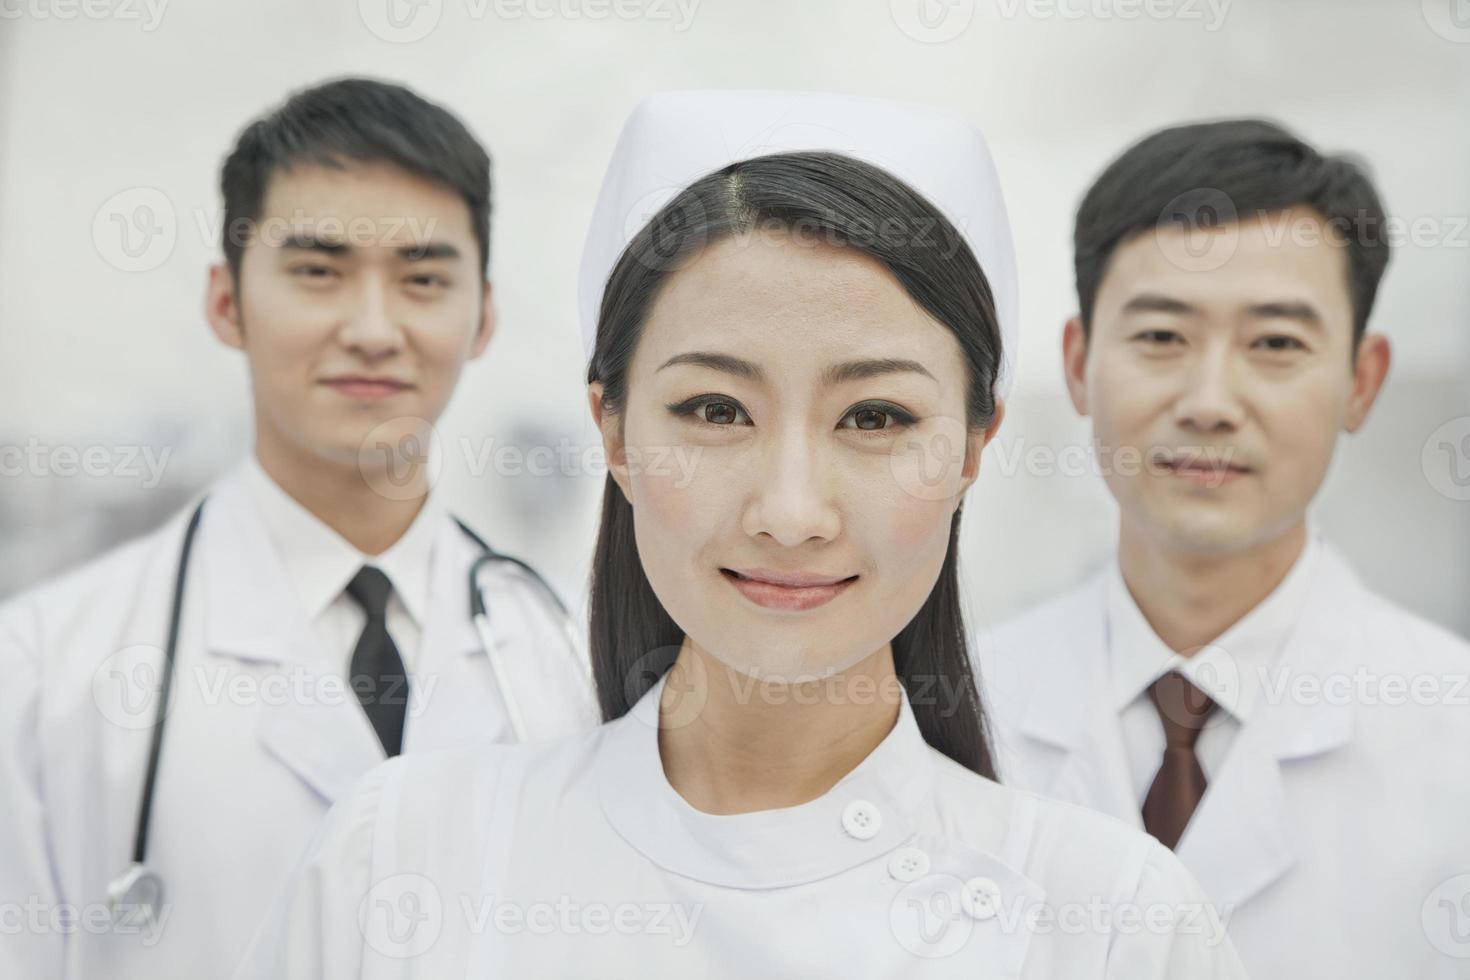 portret van gezondheidswerkers in China, twee artsen en verpleegster foto